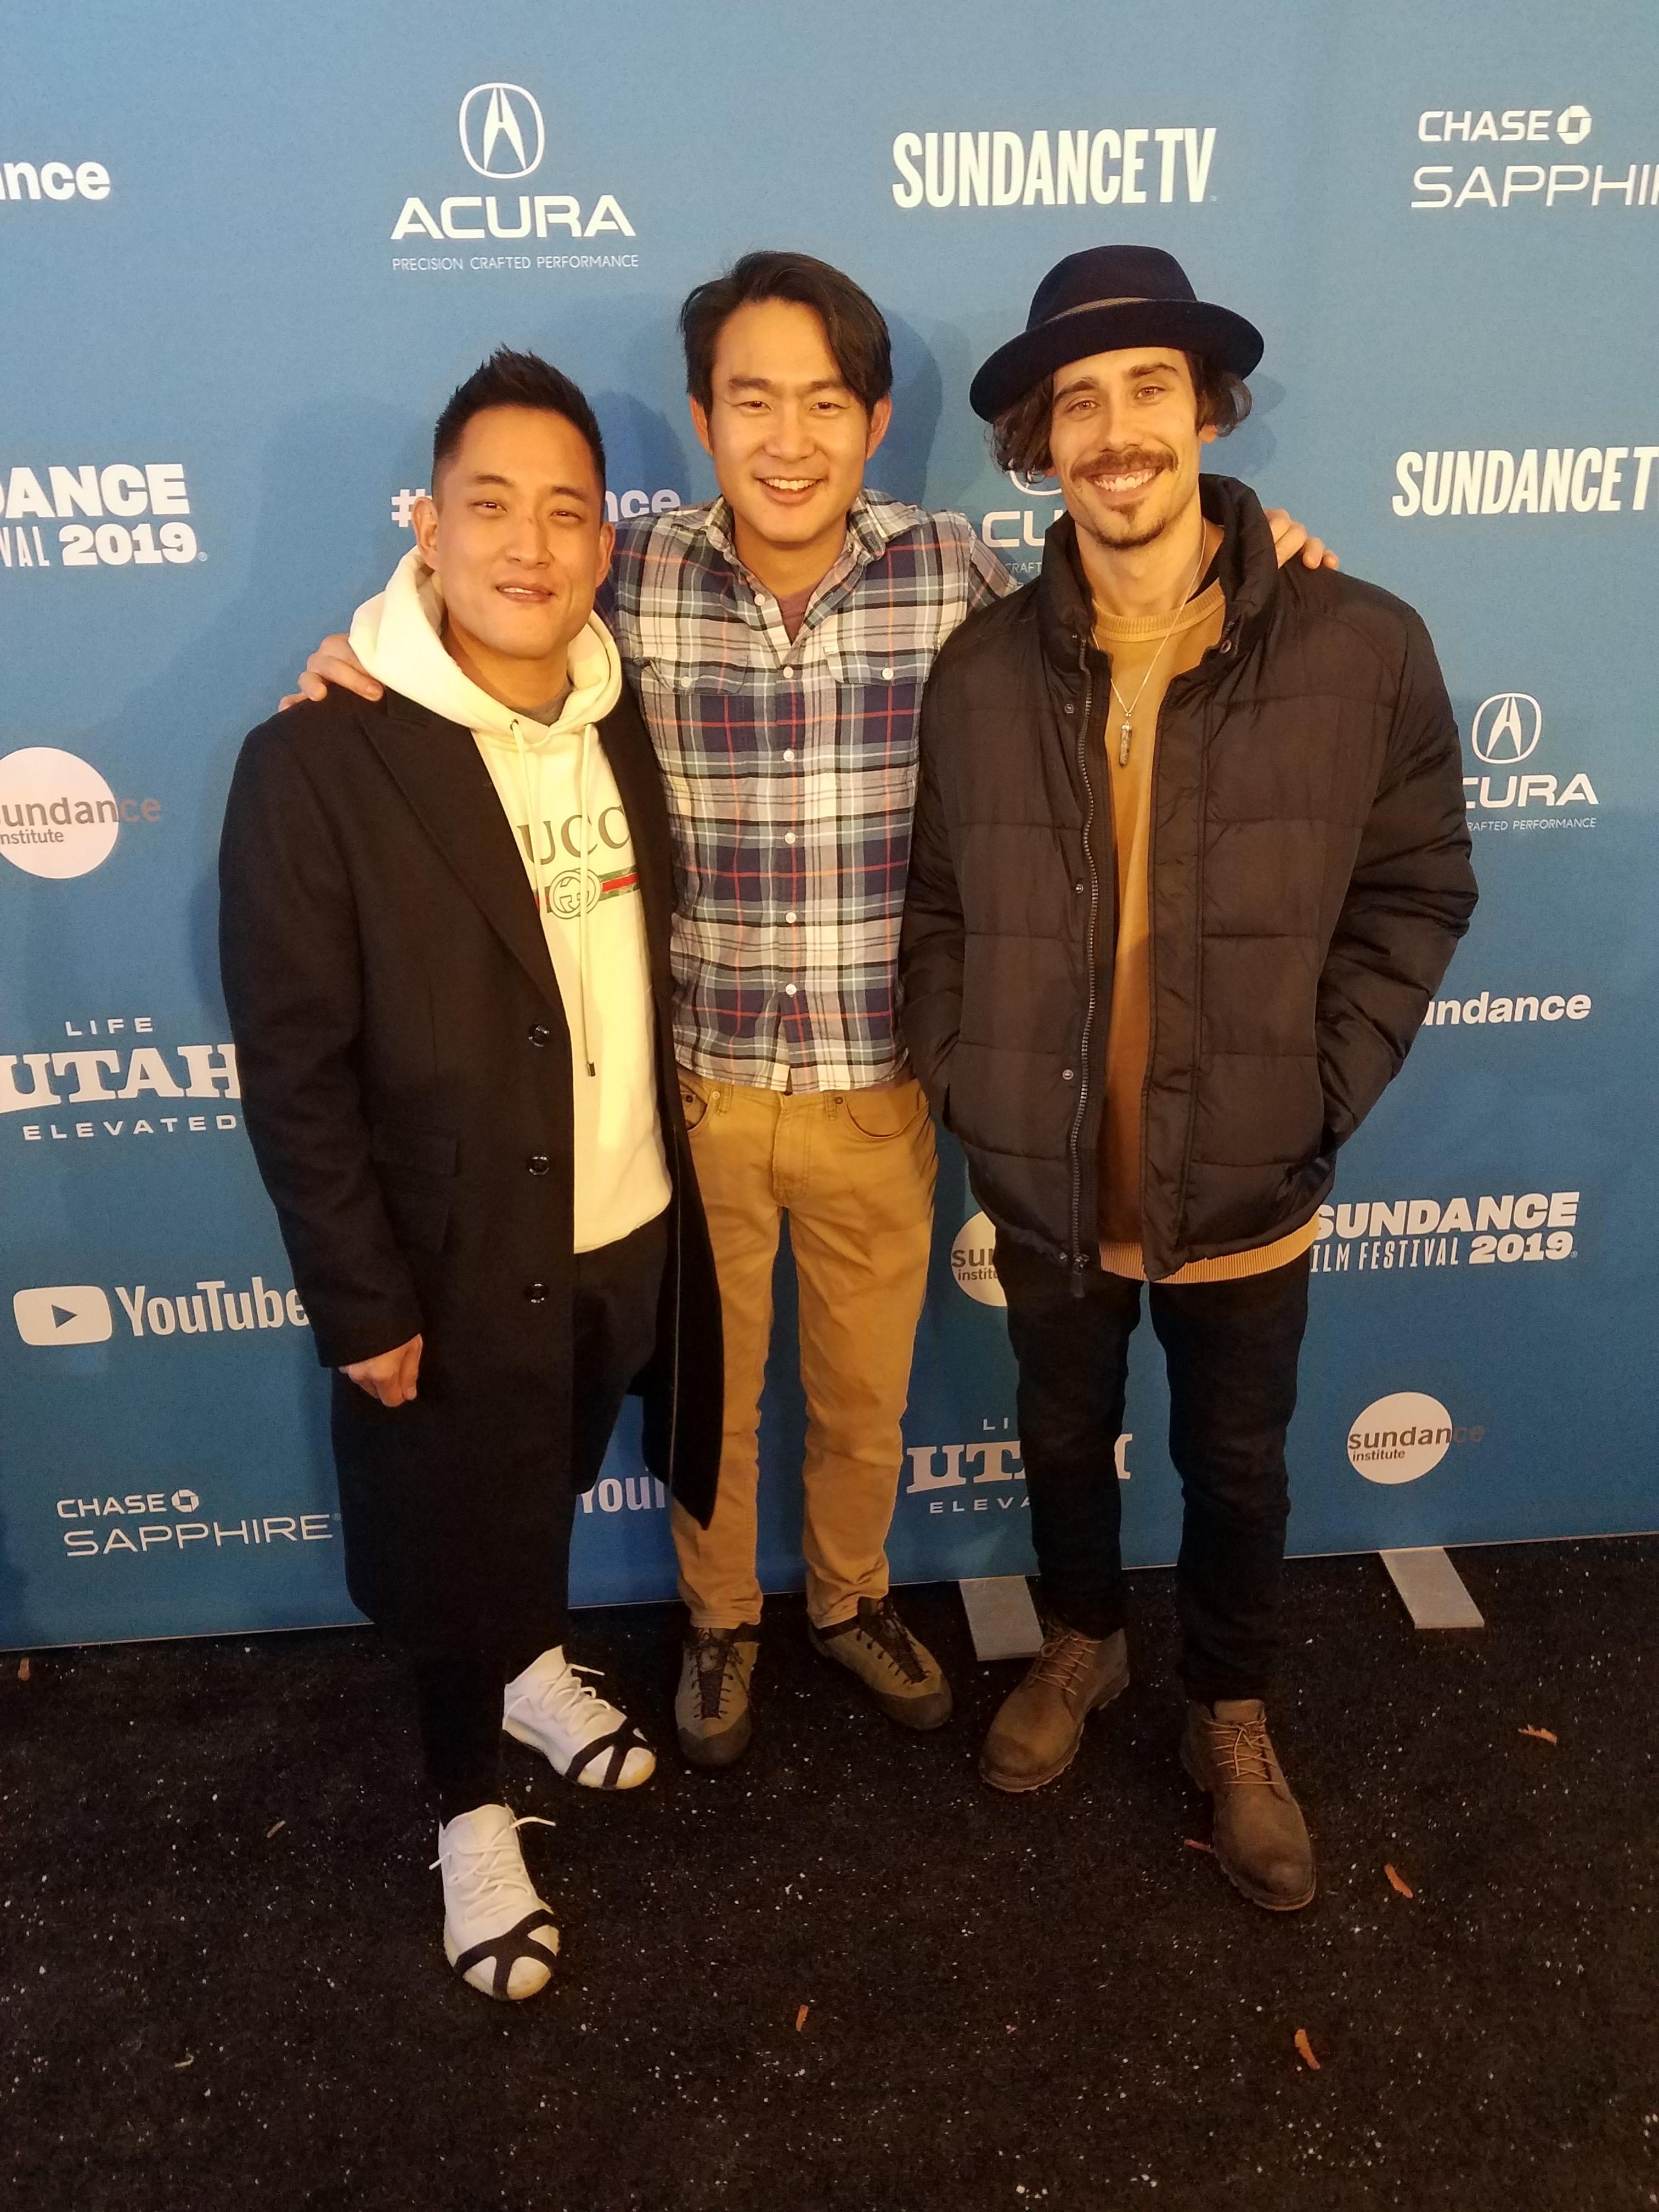 Roger Suen, Ronnie Kim and Octavio Pizano at the Sundance premiere